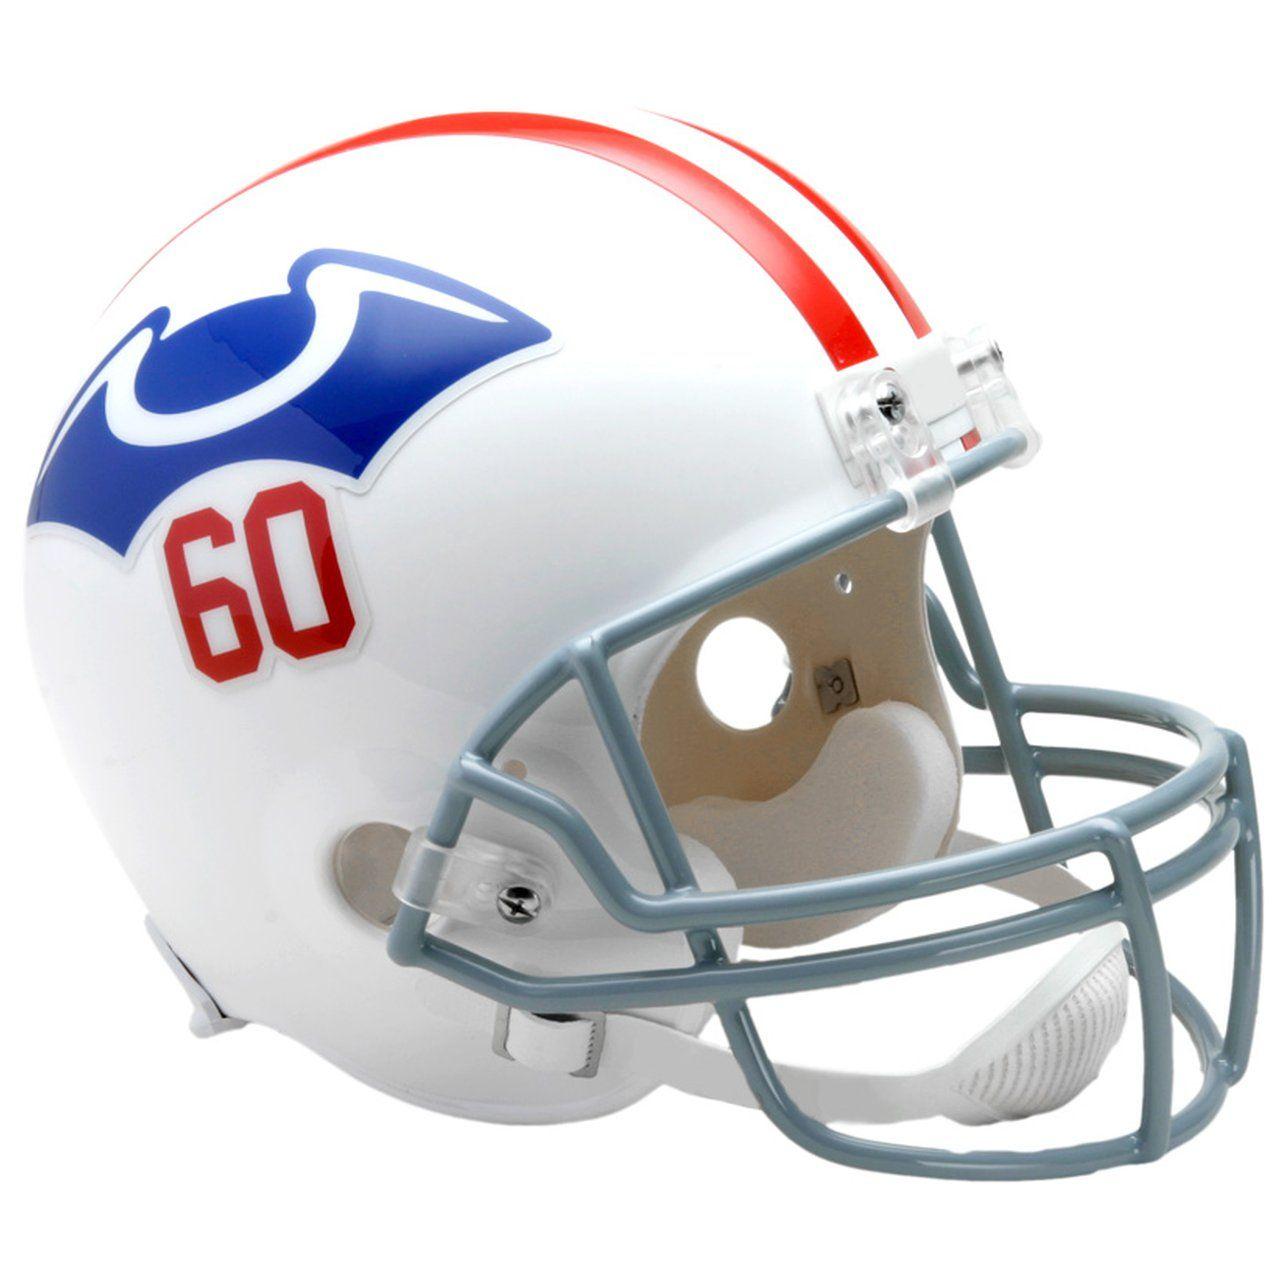 amfoo - Riddell VSR4 Replica Football Helm New England Patriots 1960